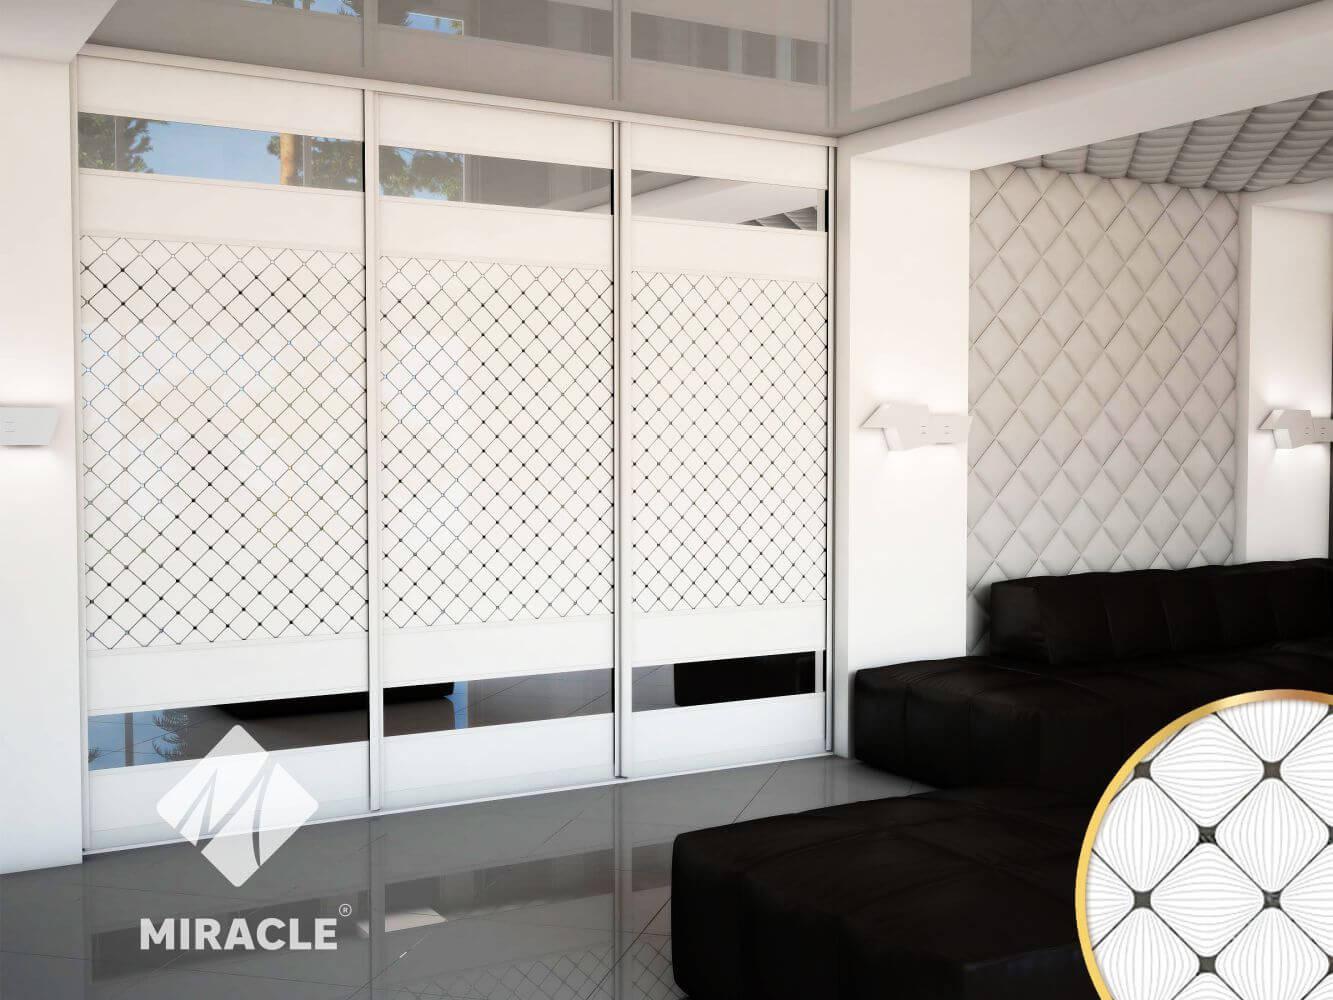 [Interior #16] Miracle-gl-3dromb-white.j